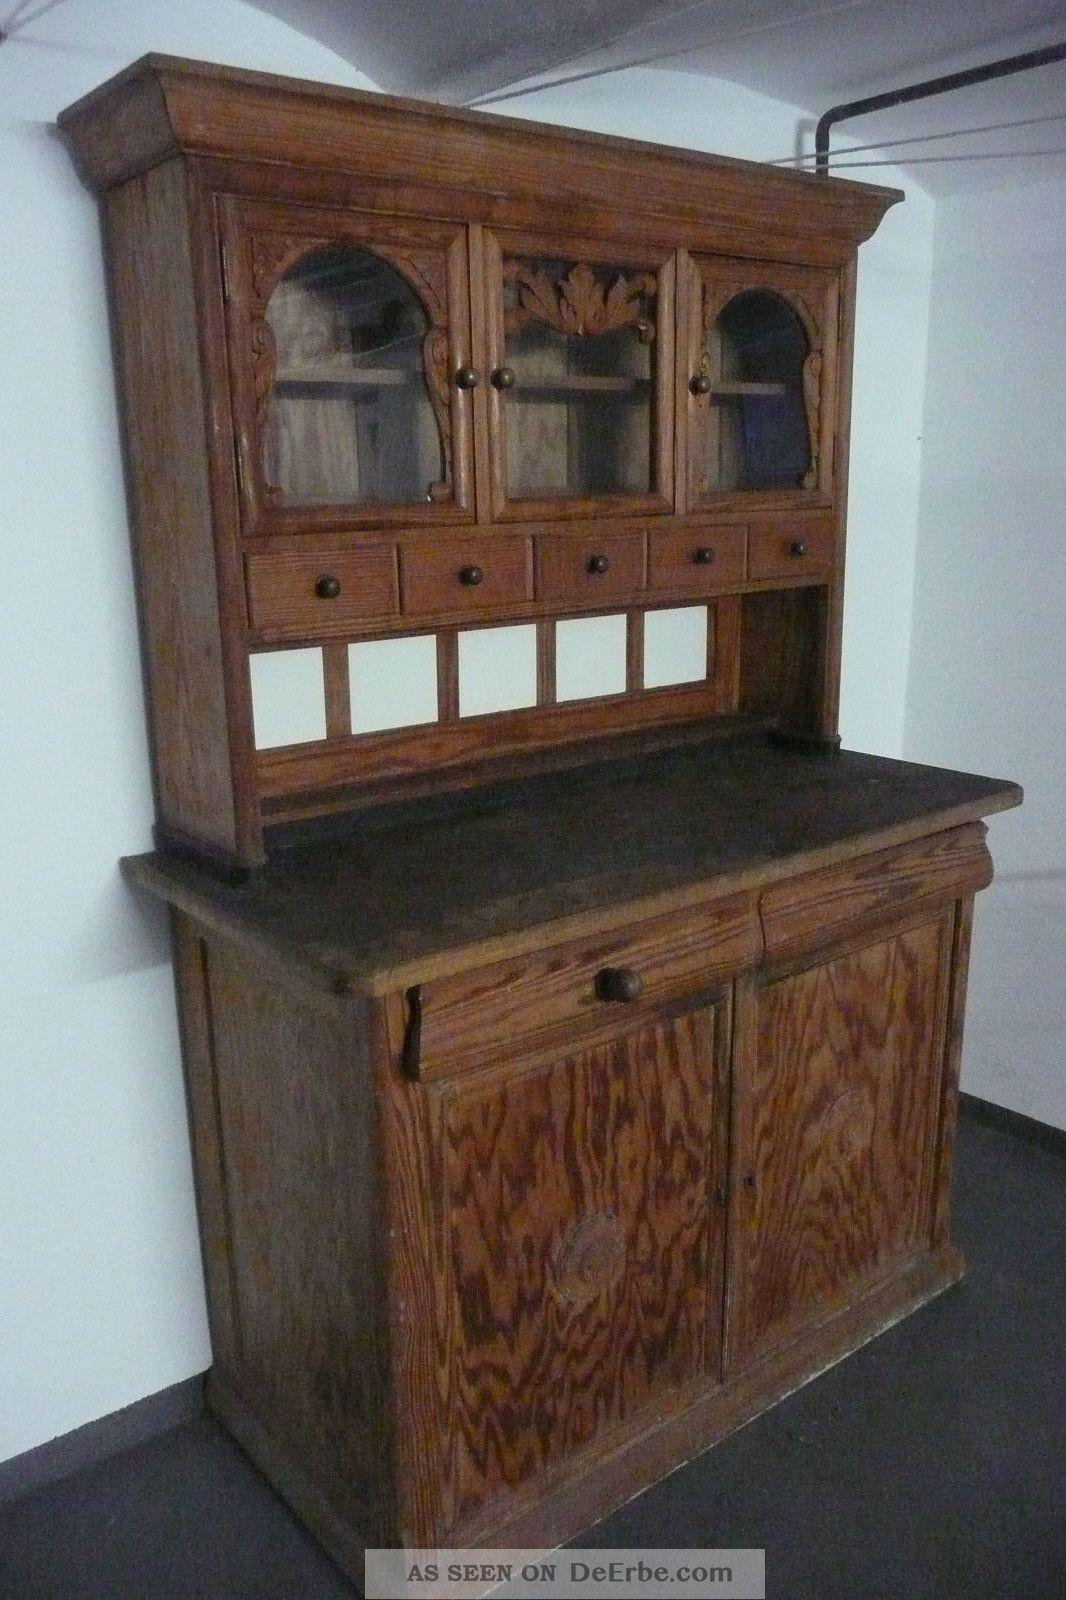 alten schrank cool drendering einer alten hlzernen schrank foto von erllre with alten schrank. Black Bedroom Furniture Sets. Home Design Ideas